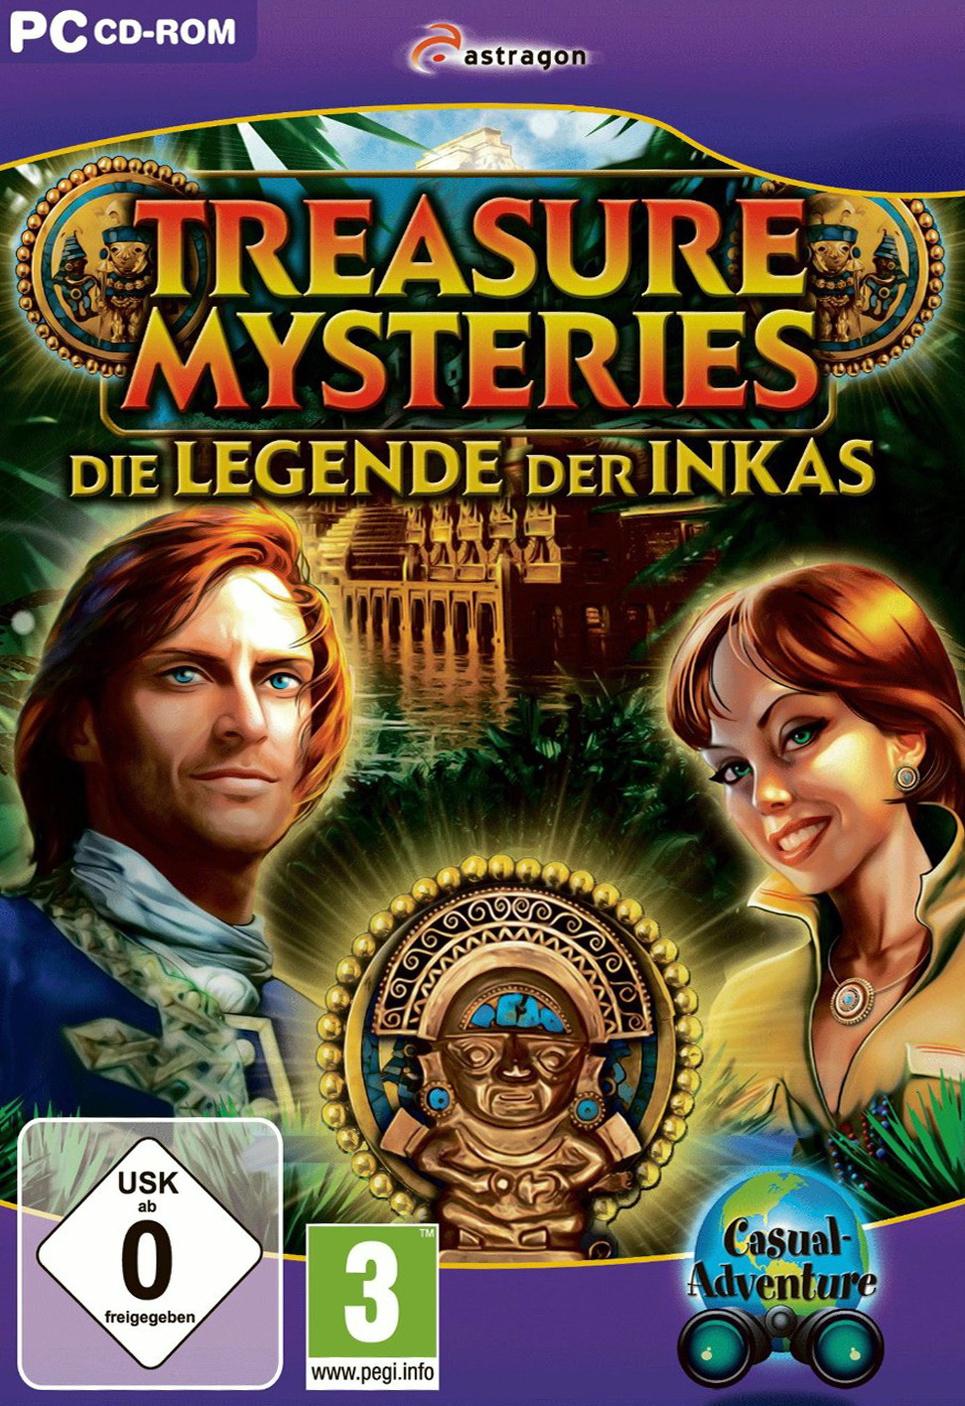 Treasure Mysteries: Die Legende der Inkas